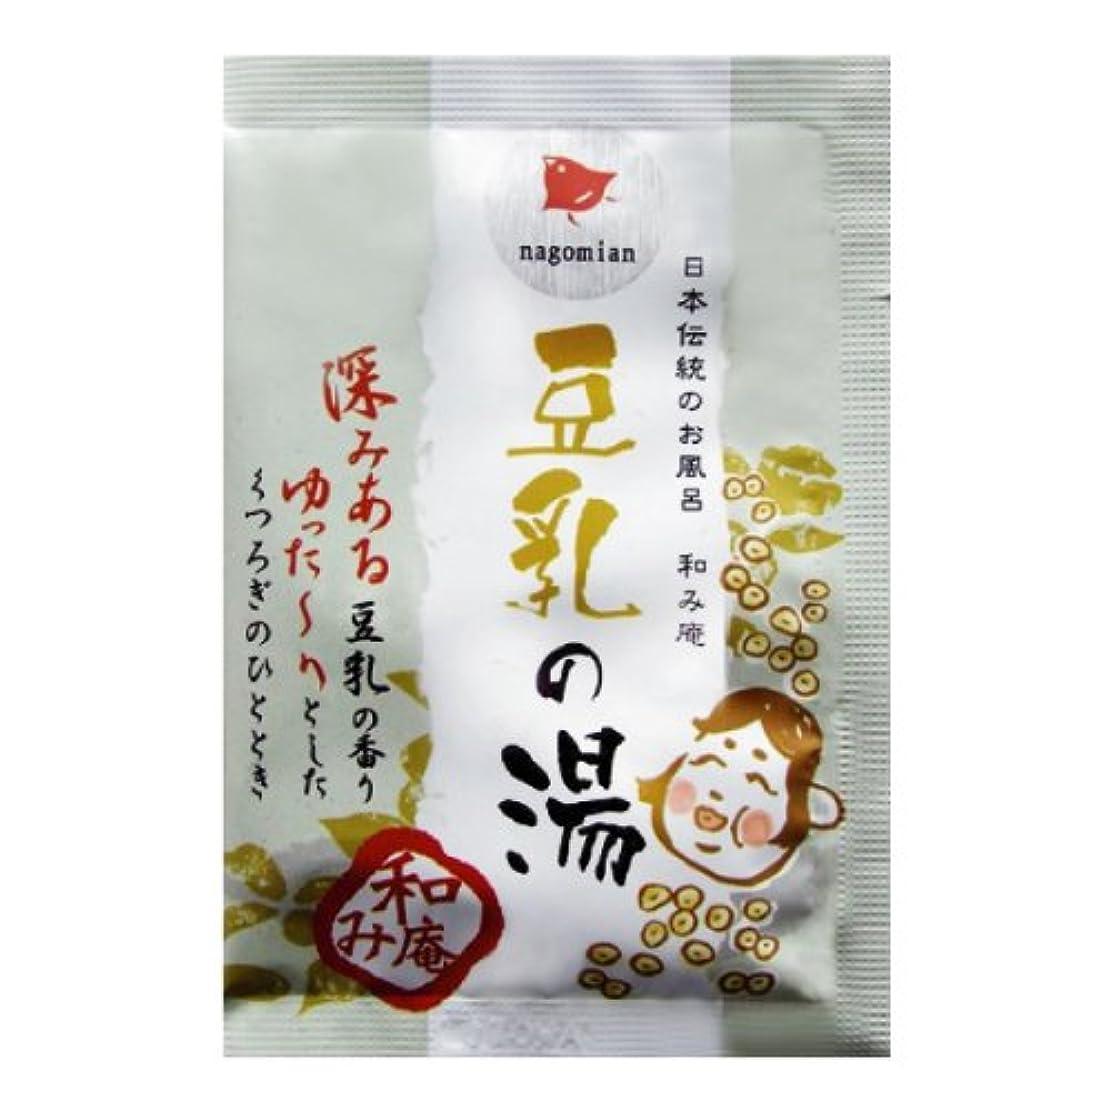 インスタンスモニカ裁定日本伝統のお風呂 和み庵 豆乳の湯 200包